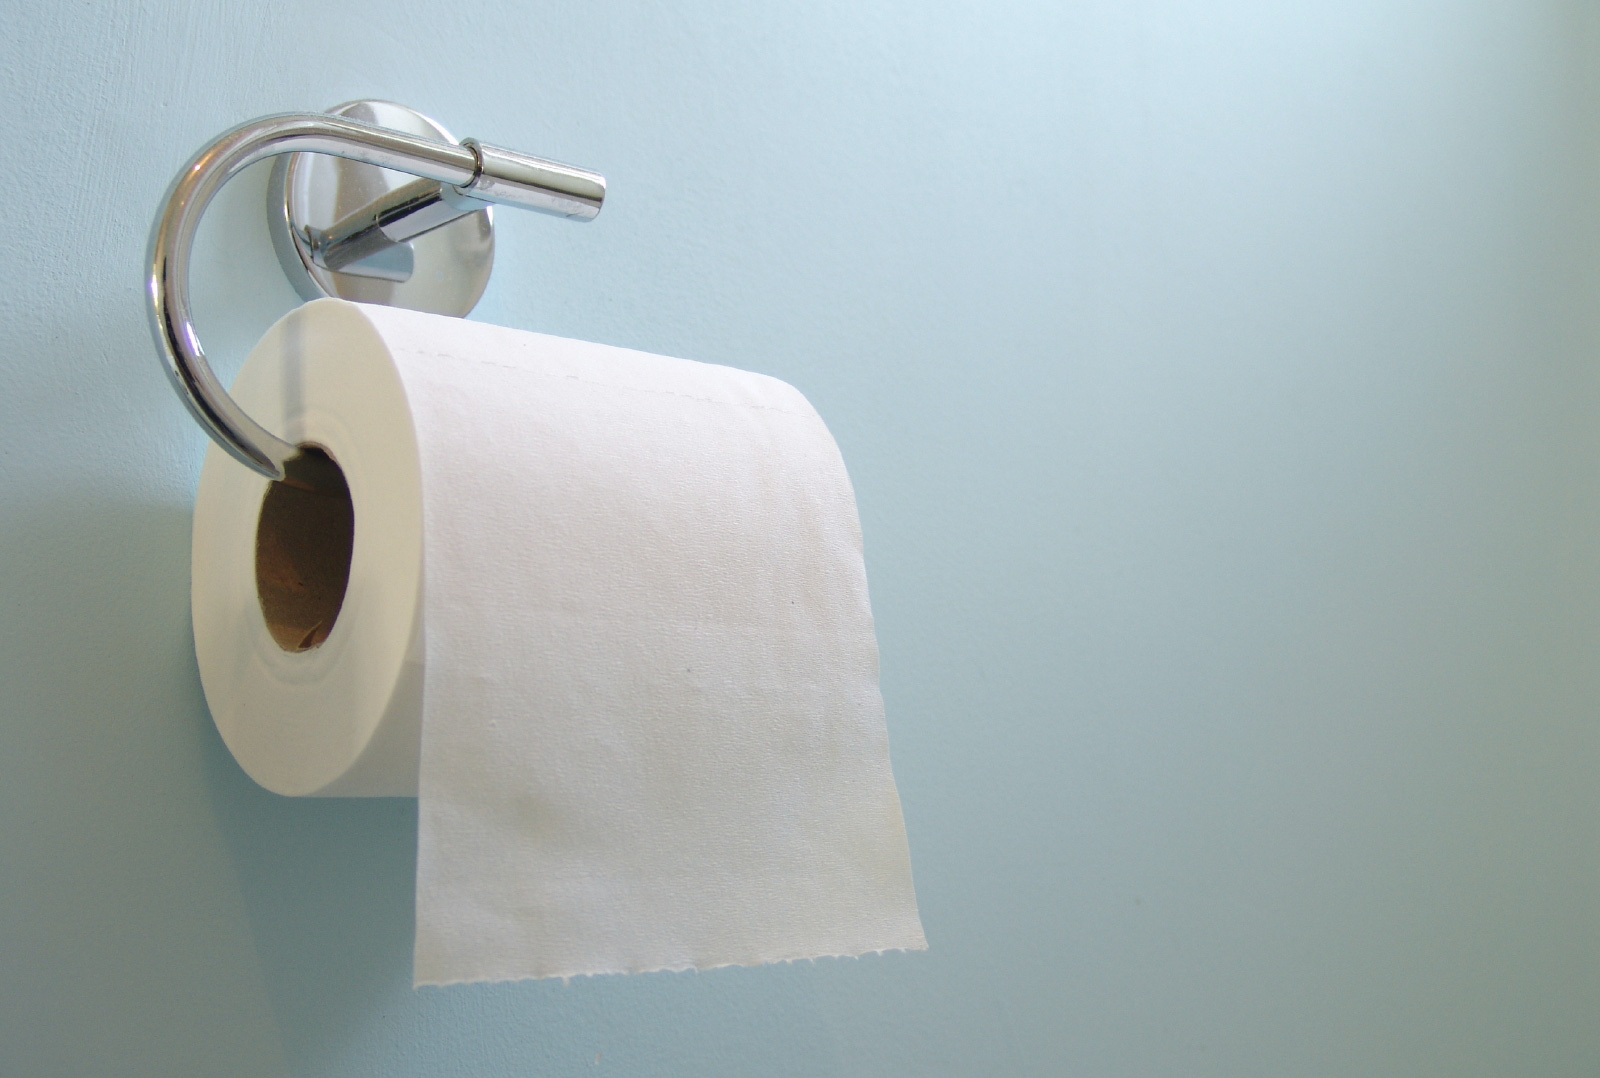 Cảnh báo: Chị em đang rước bệnh vào người vì thói quen sử dụng giấy vệ sinh sai lầm này - Ảnh 4